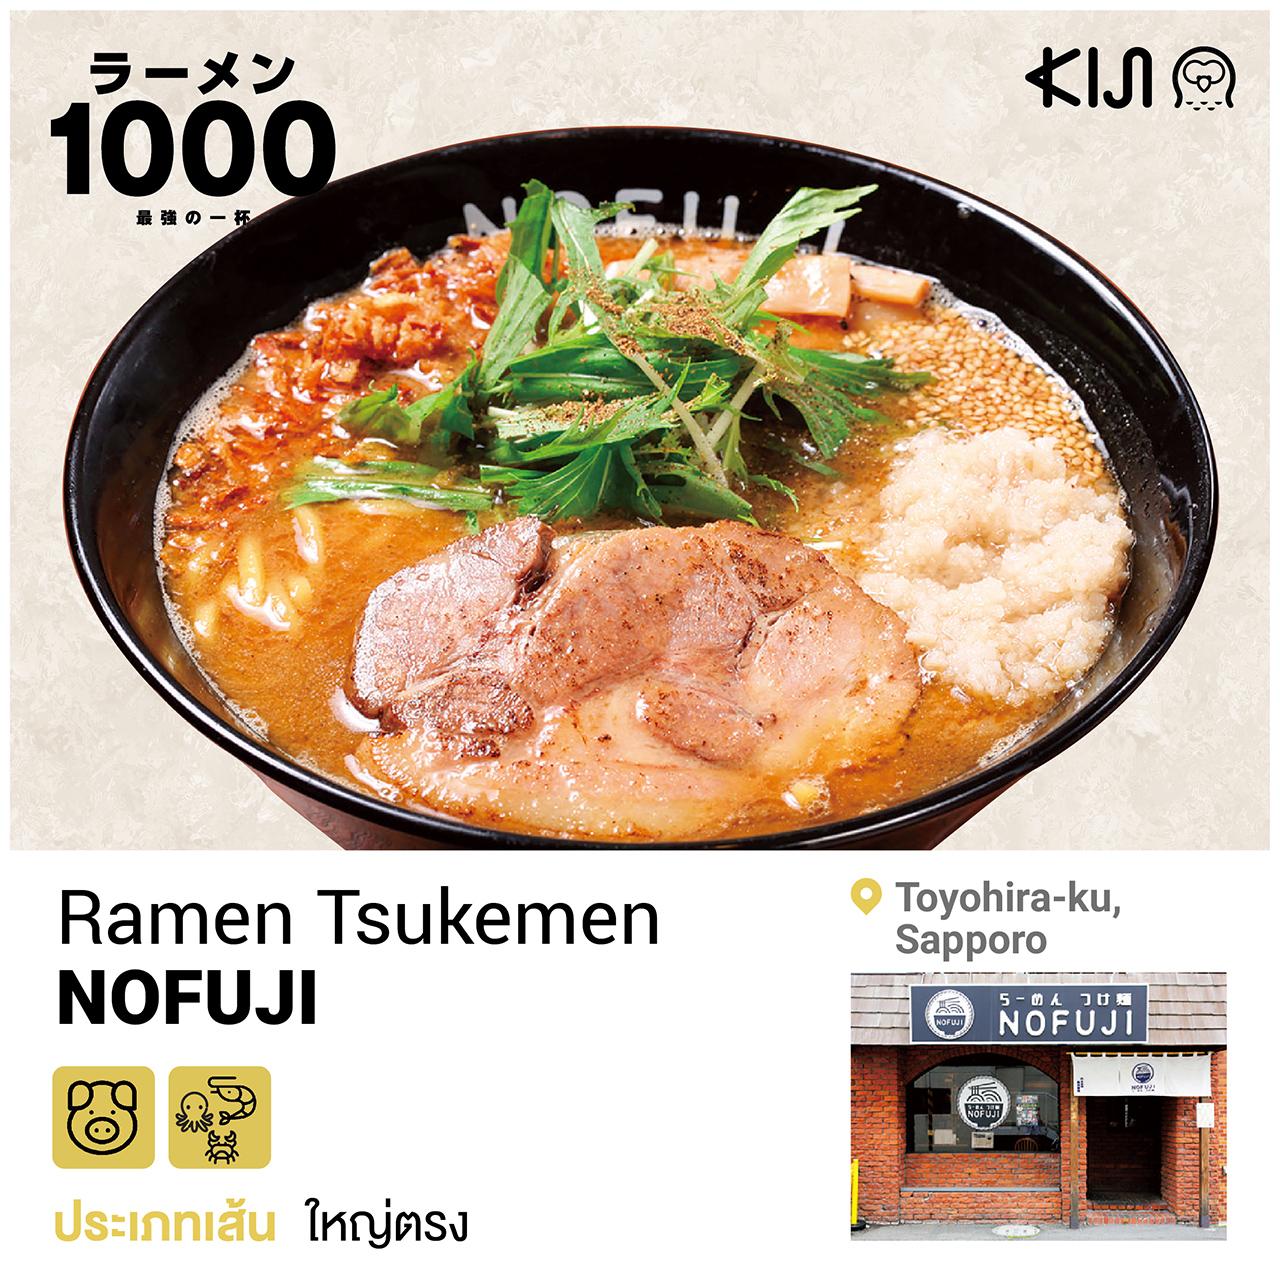 ร้านราเมน เขตโทโยฮิระ เมืองซัปโปโร จ.ฮอกไกโด - Ramen Tsukemen NOFUJI